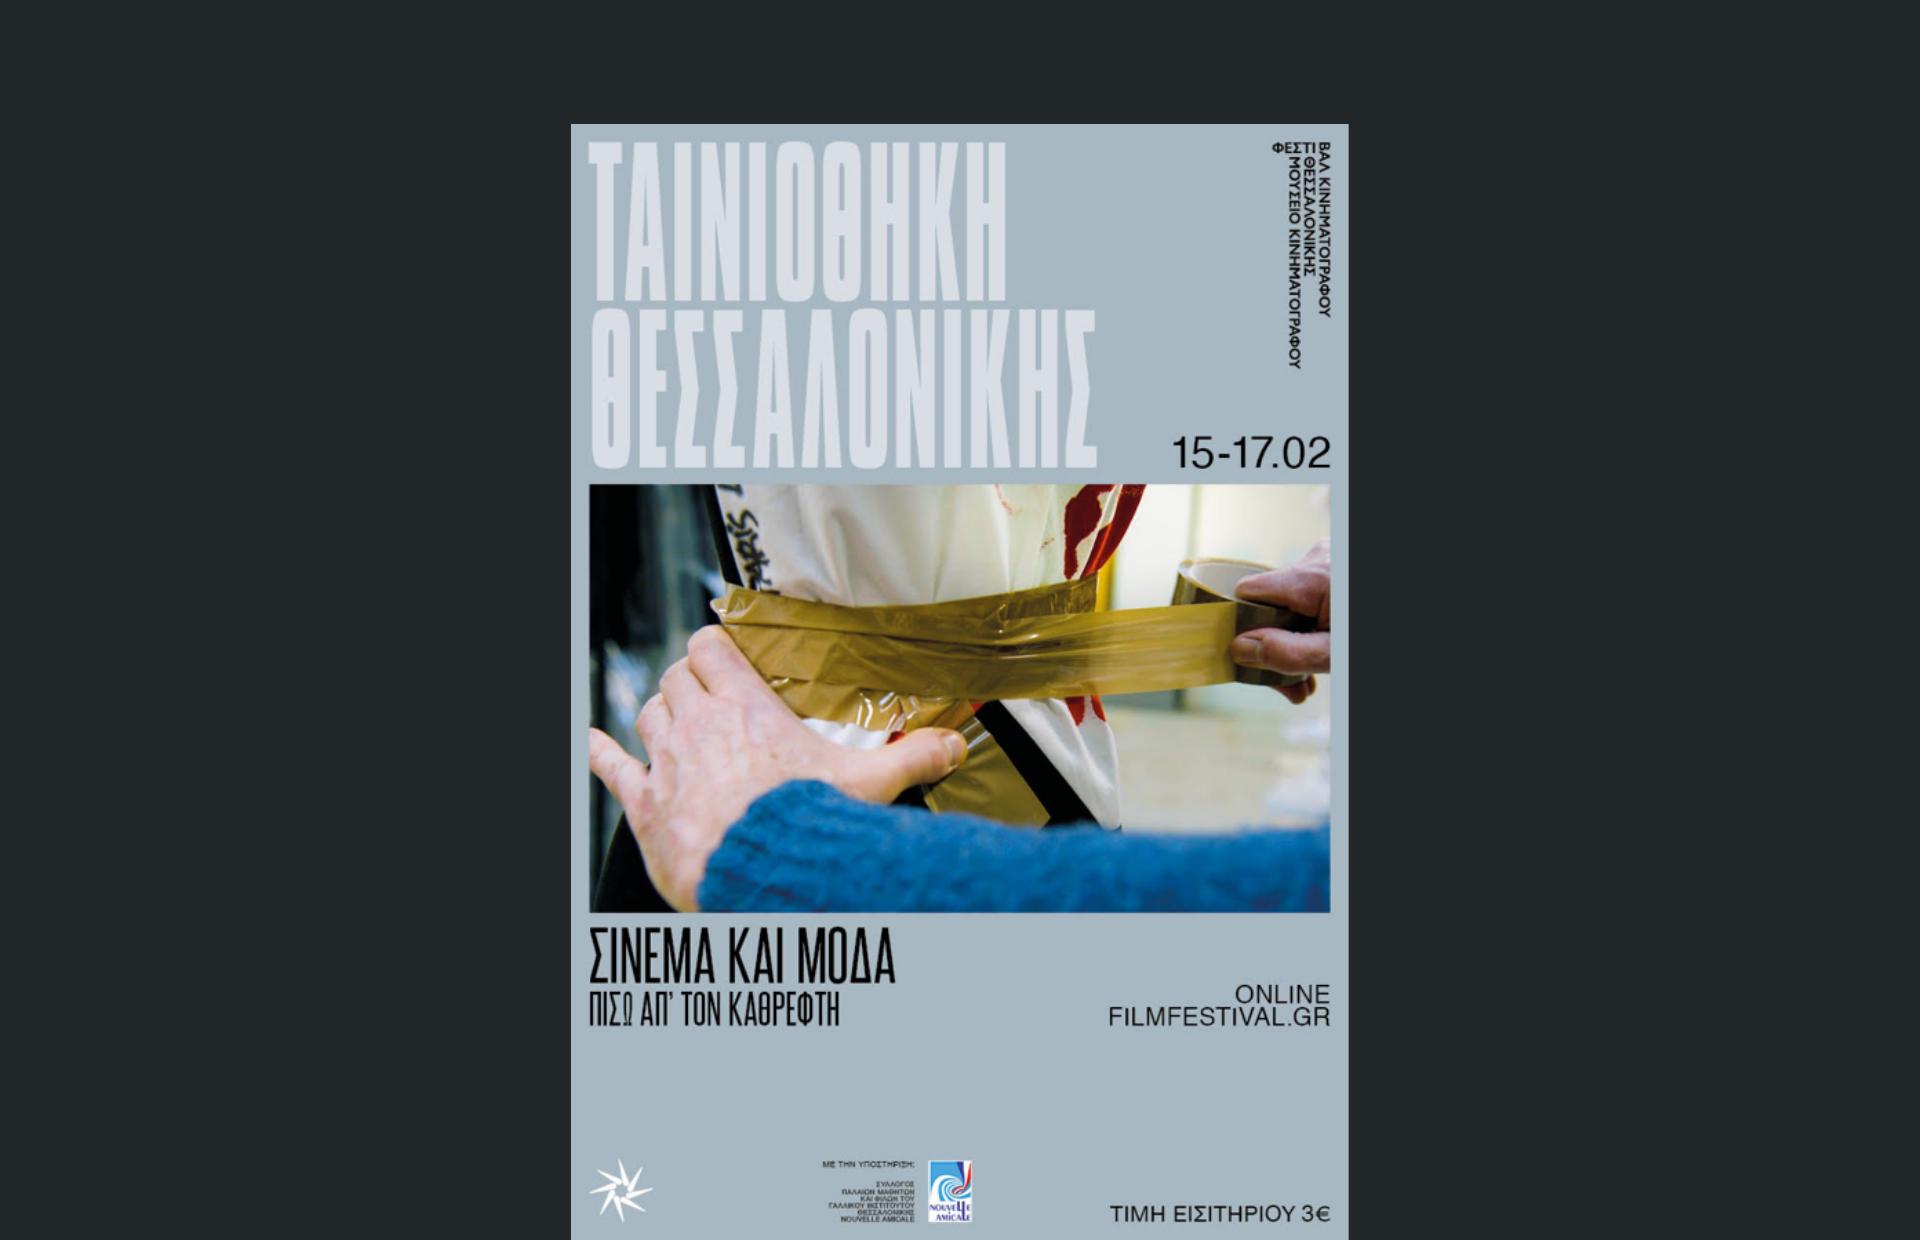 Ταινιοθήκη Θεσσαλονίκης Σινεμά και μόδα: μέσα απ' τον καθρέφτη